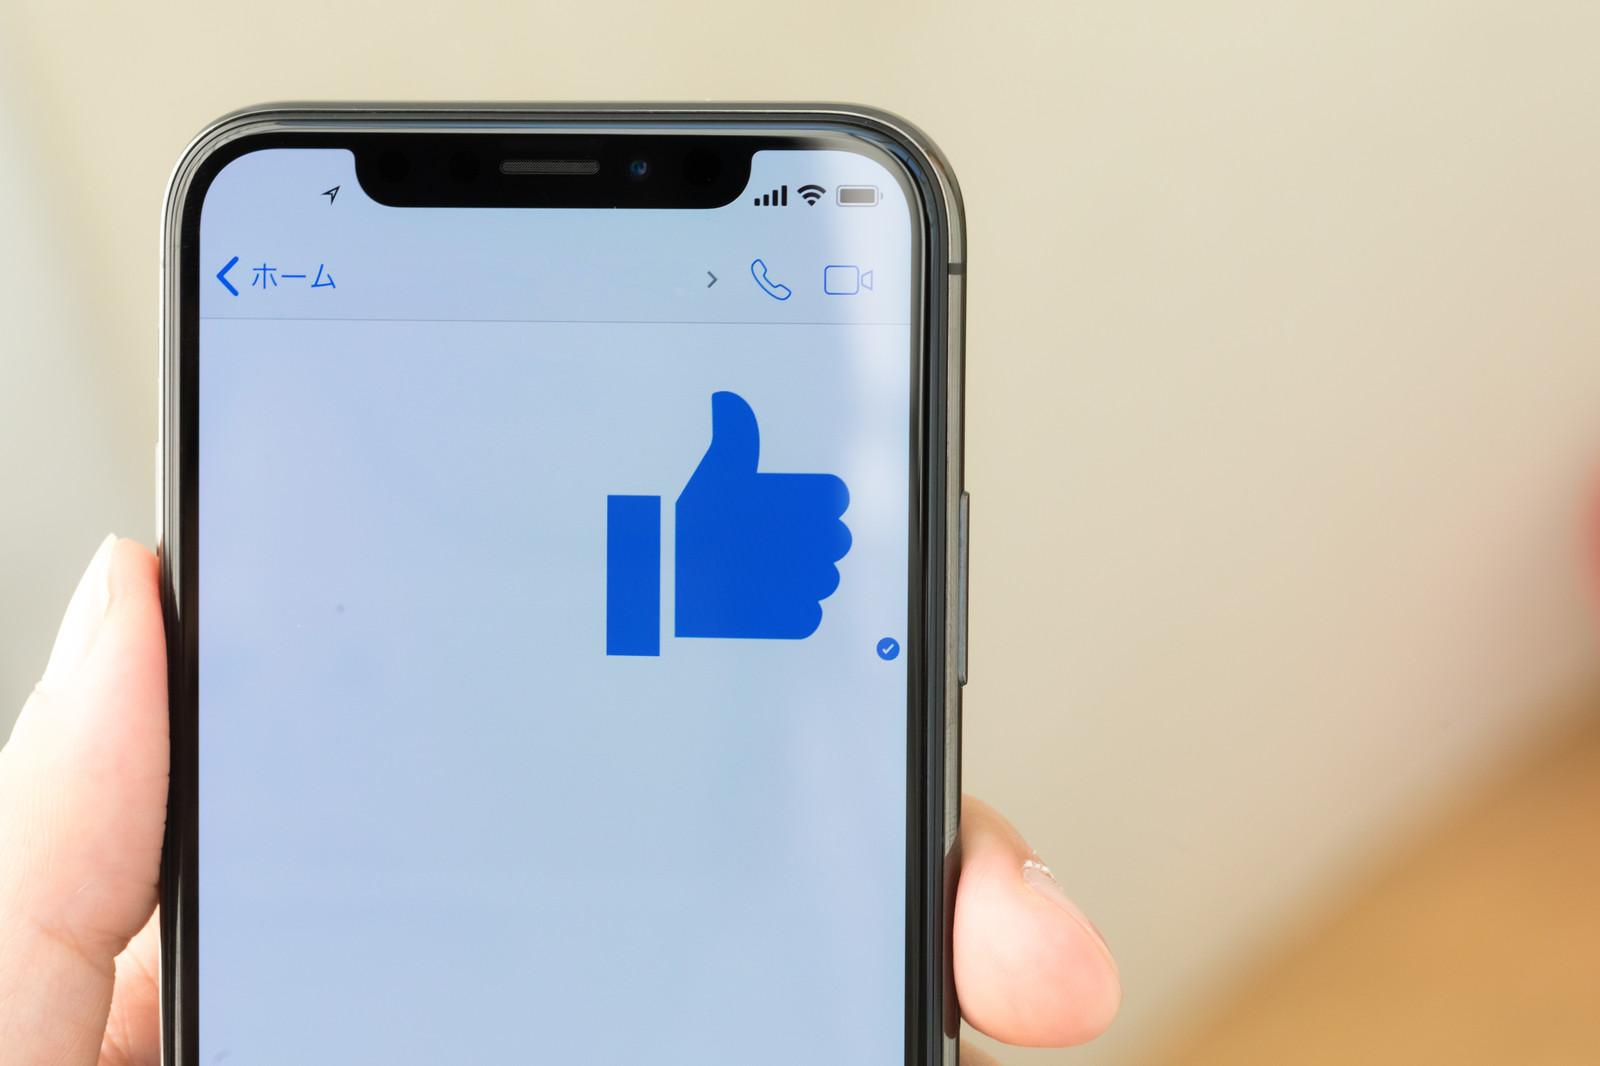 インスタ(Instagram)のDM(ダイレクトメッセージ)で既読をつけずに削除したらどうなる?のサムネイル画像